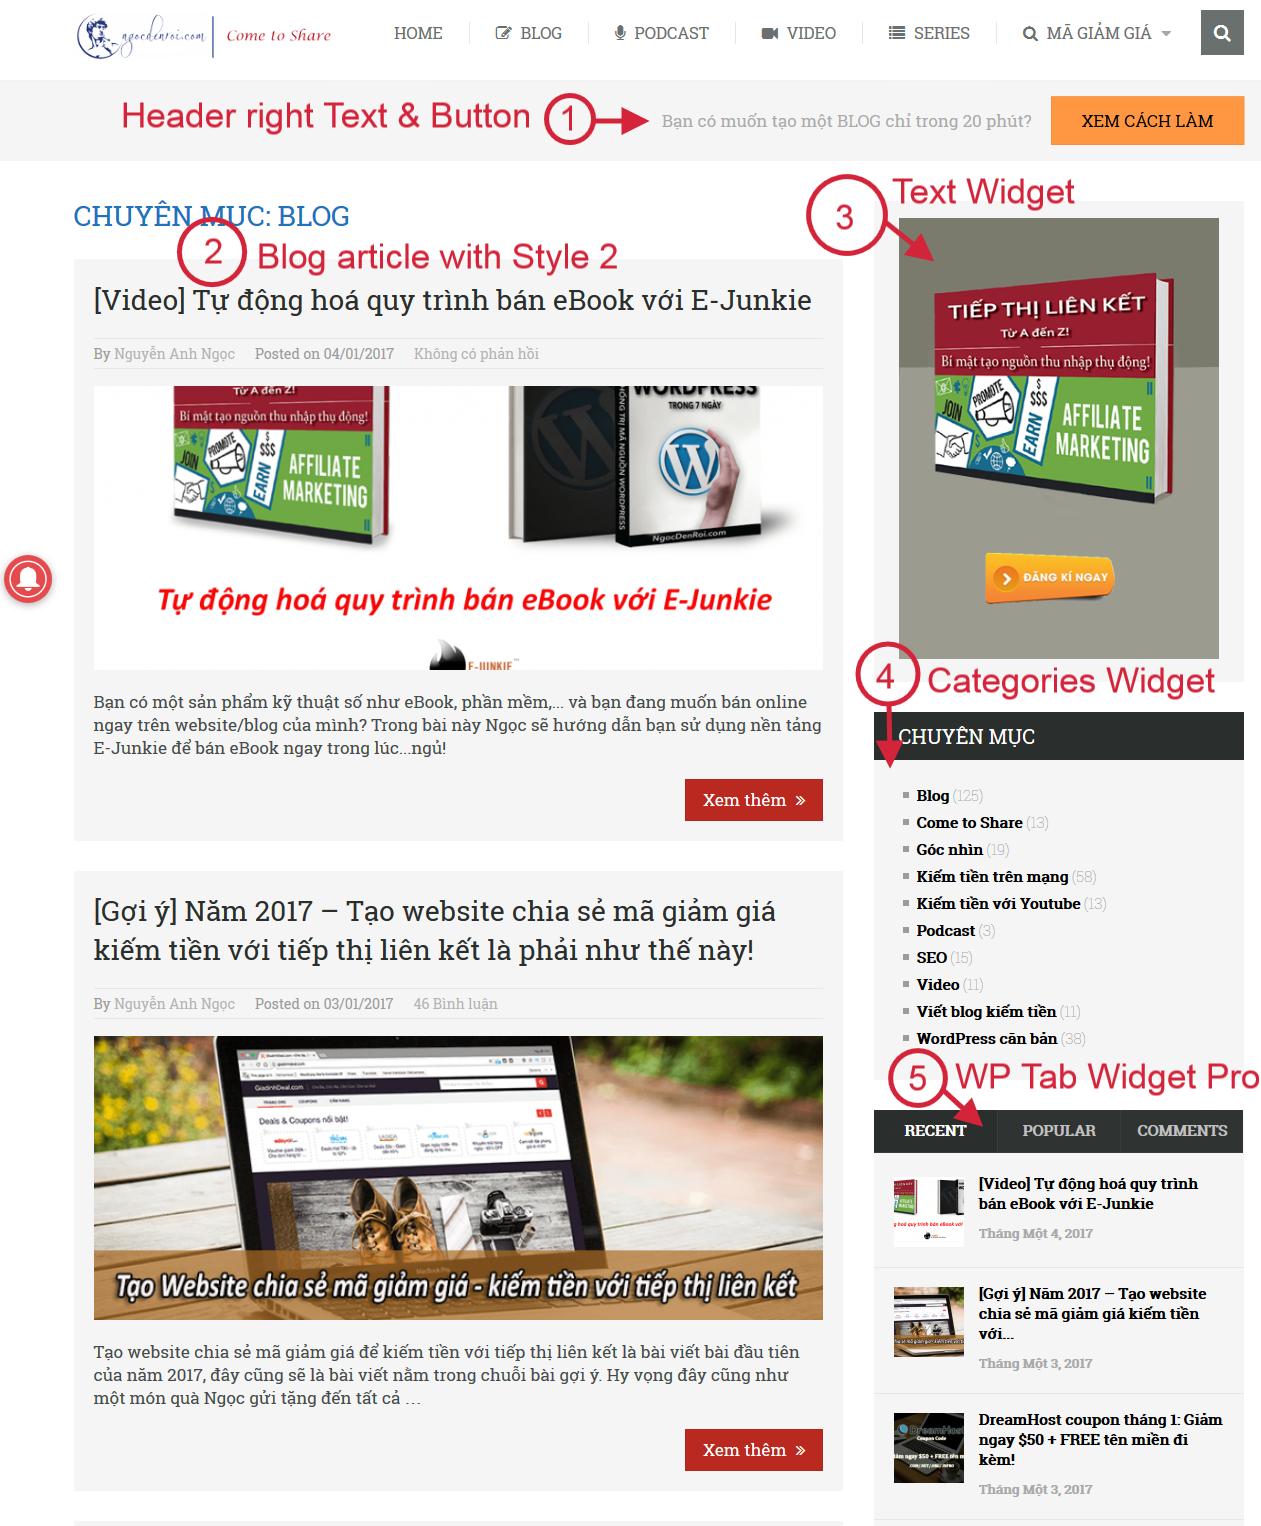 Xây dựng blog chuyên nghiệp trong 1 giờ - VHW Tuts